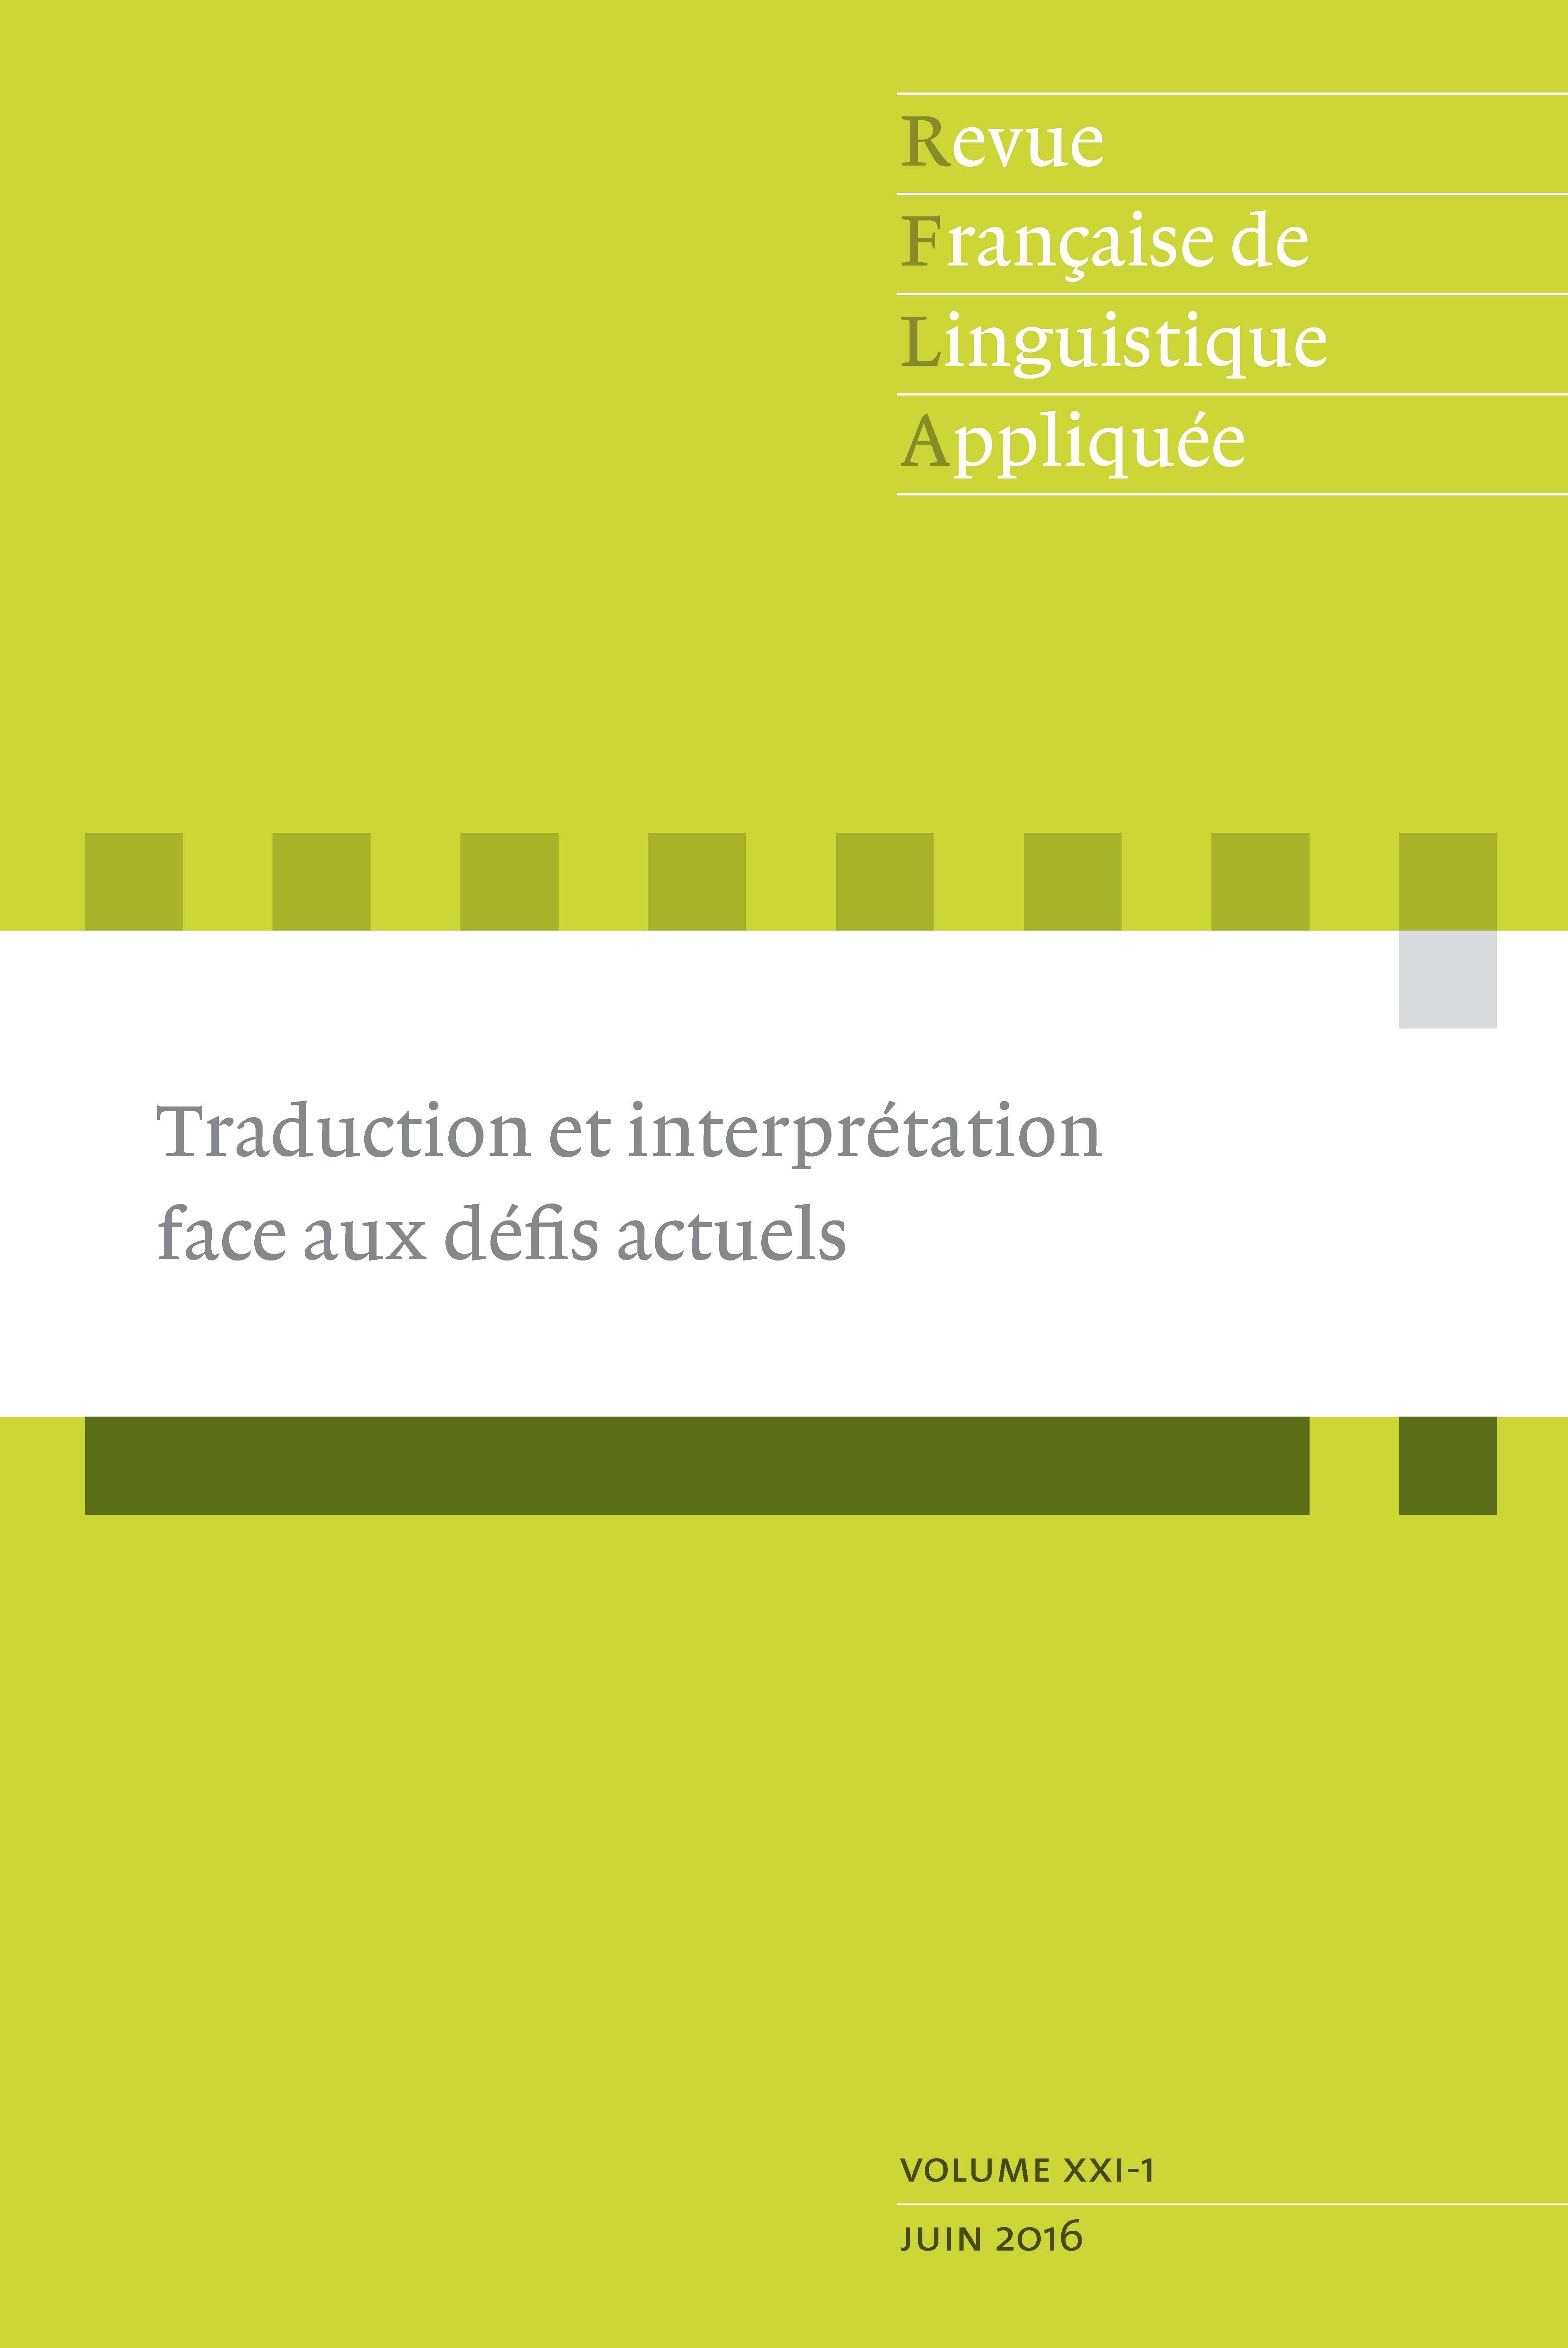 SYSTRAN GESTIONNAIRE DE PROJETS DE TRADUCTION